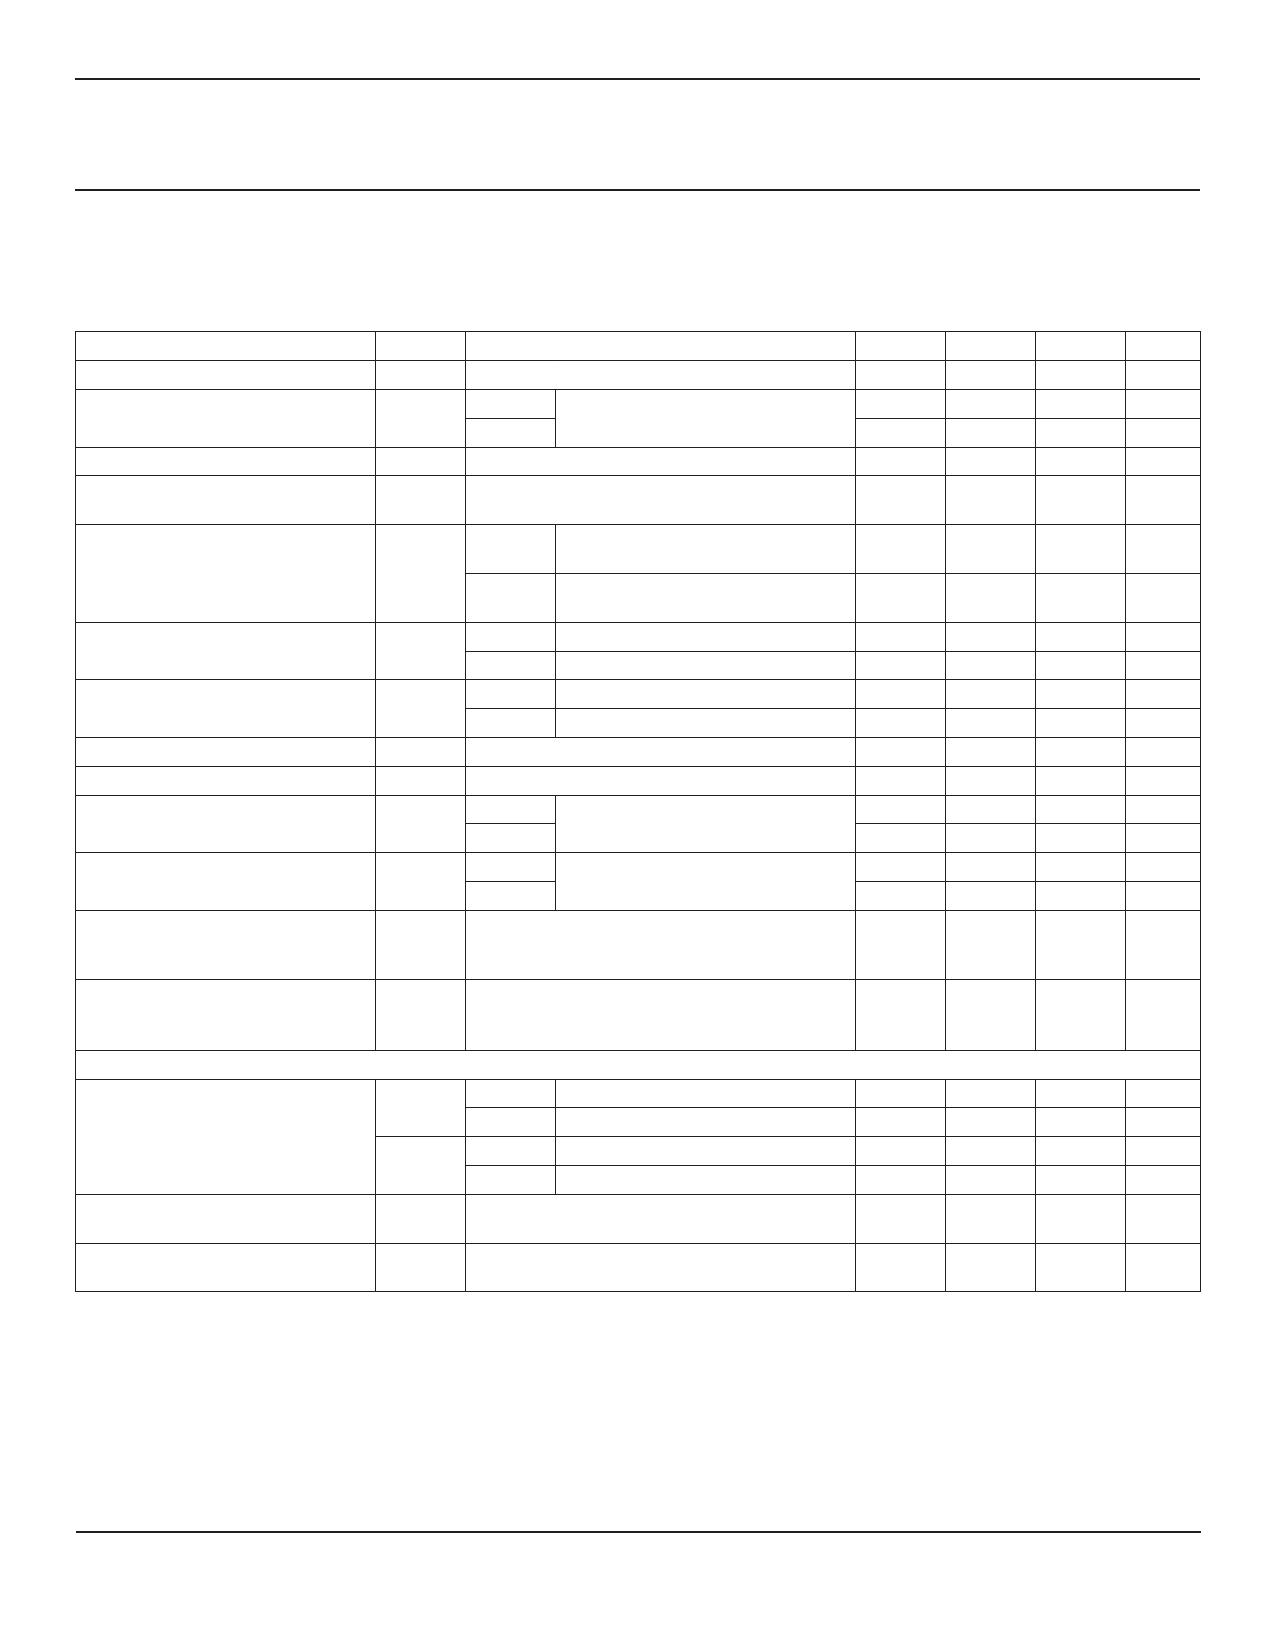 BR200 pdf, ピン配列